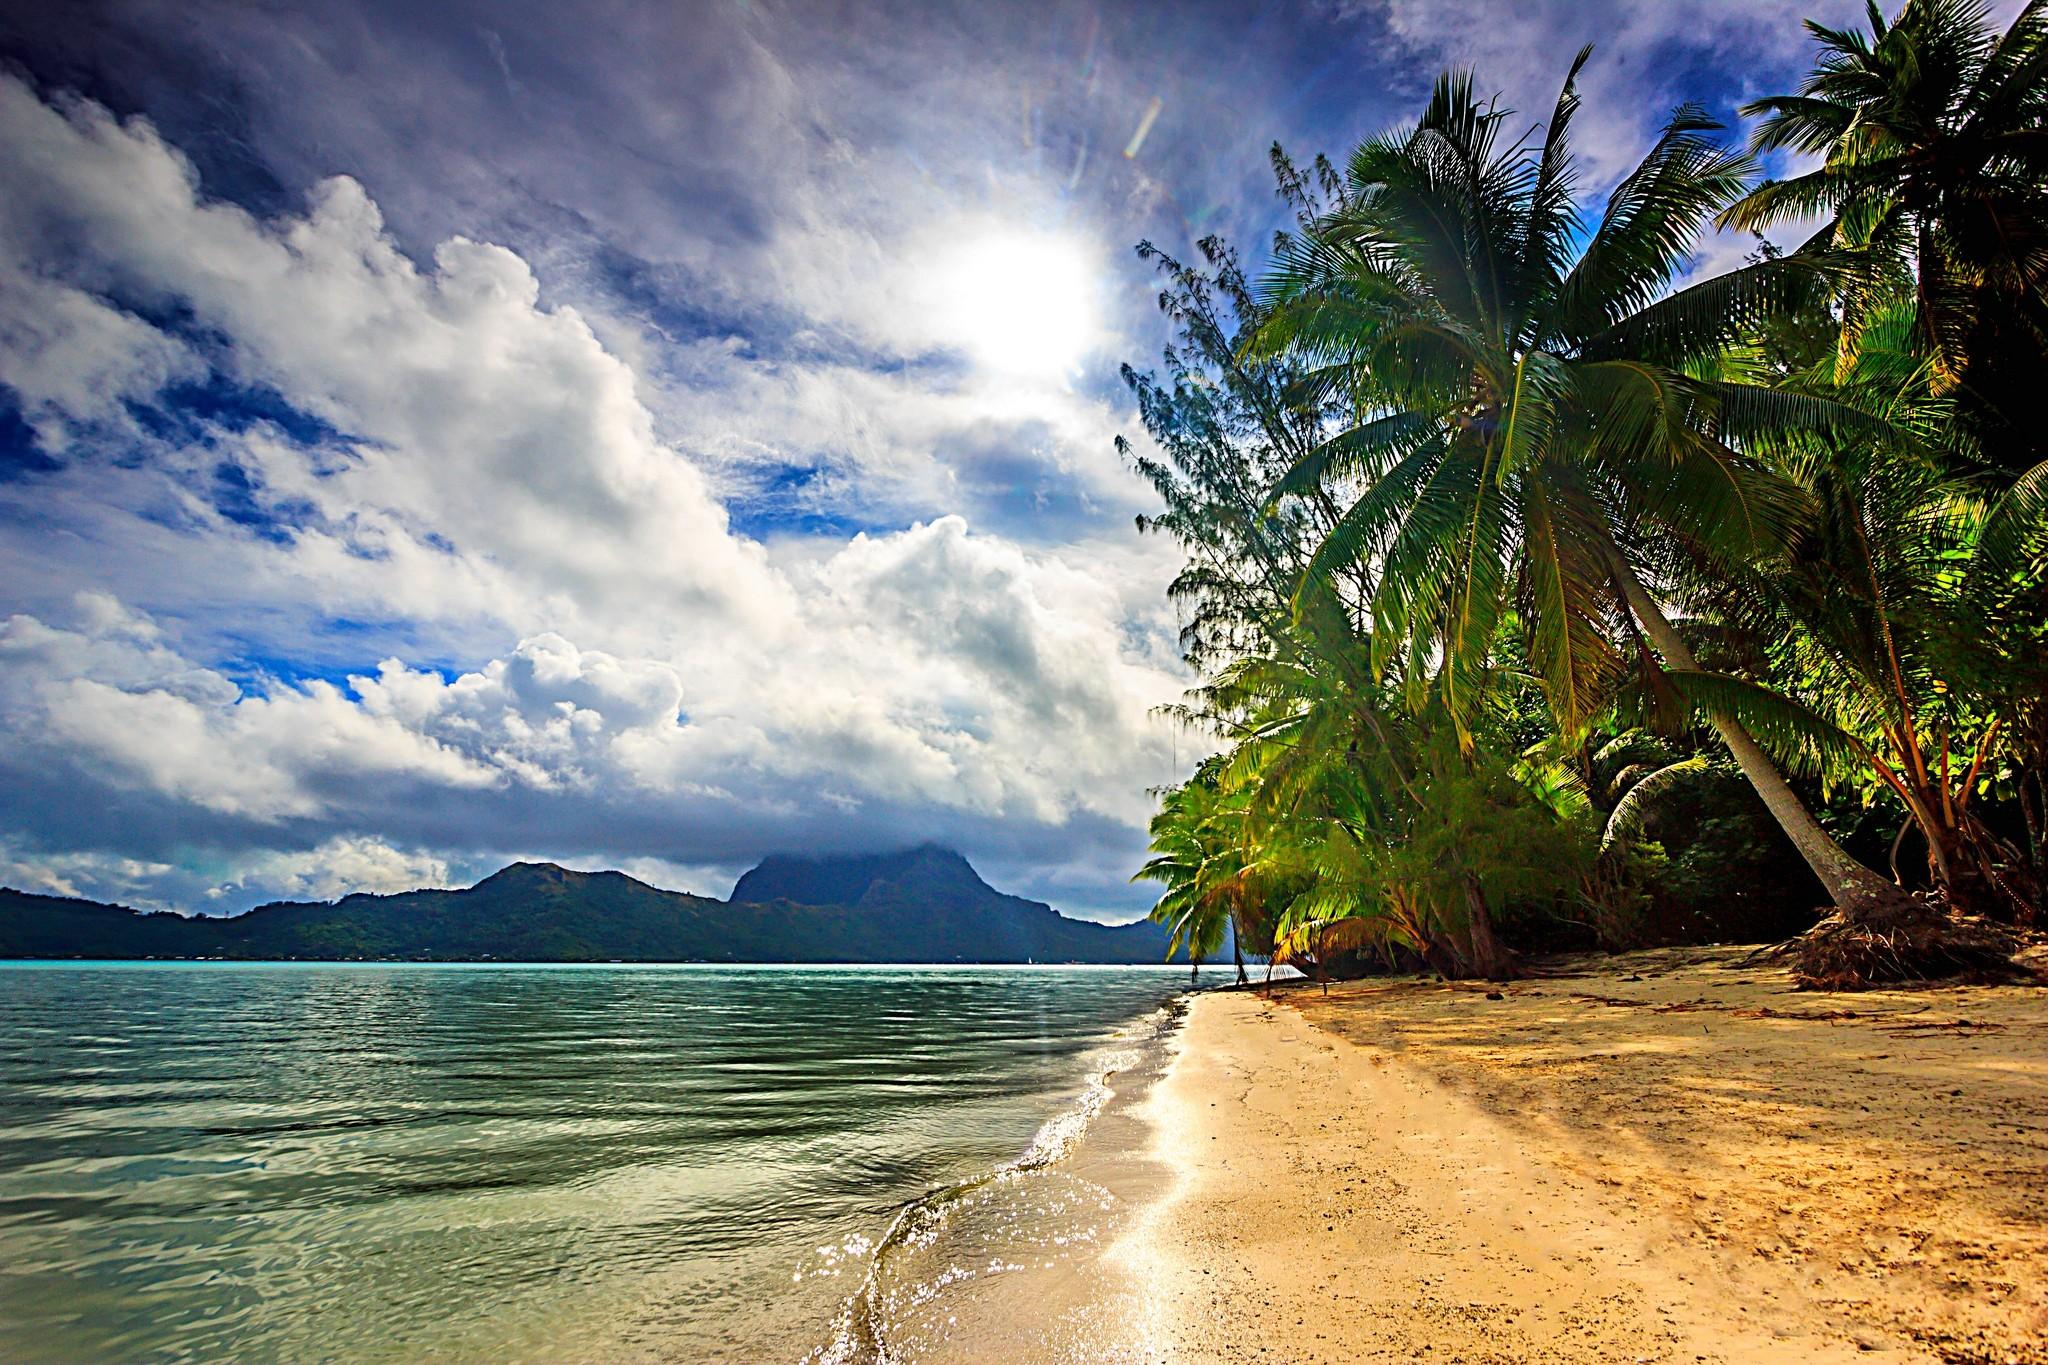 беркутов фото тропических берегов сопку можно